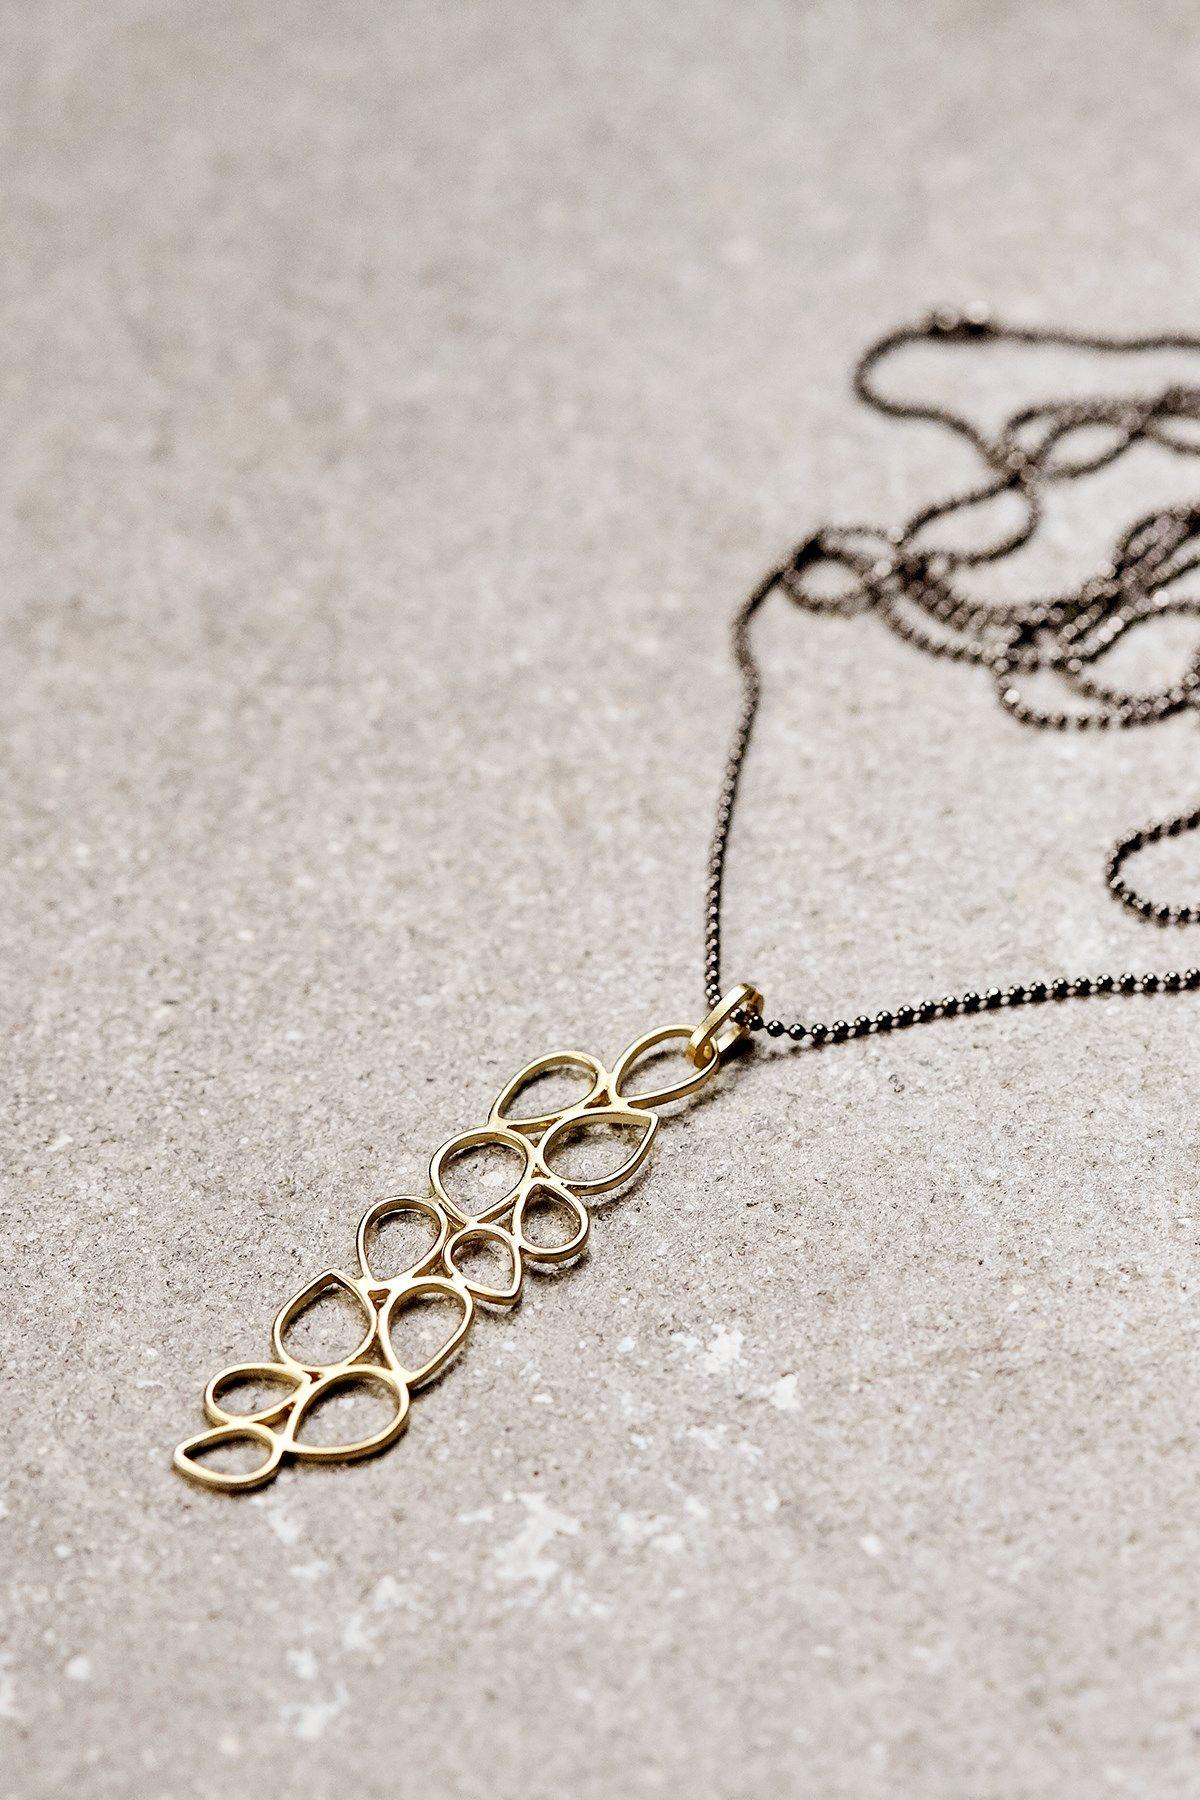 Devon necklace